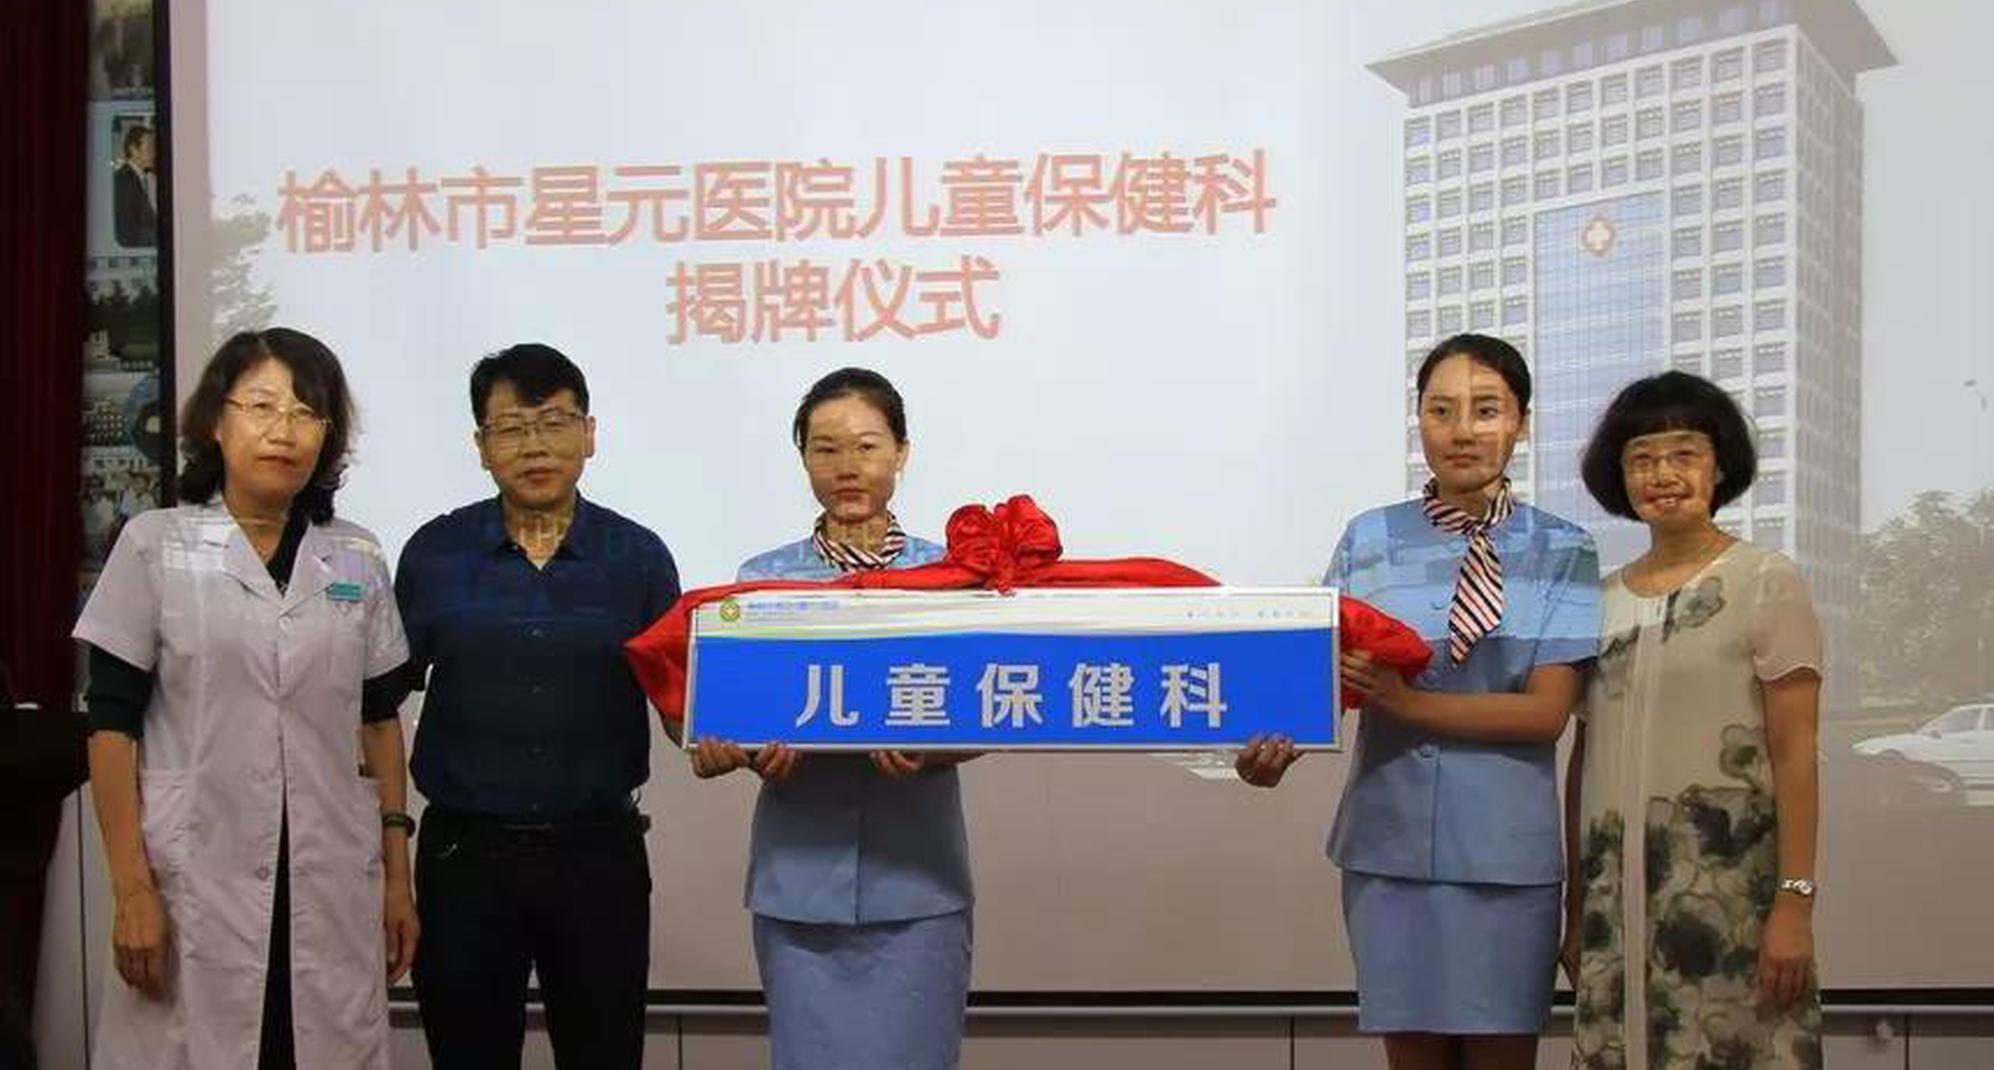 榆林市星元医院儿童保健科正式揭牌成立